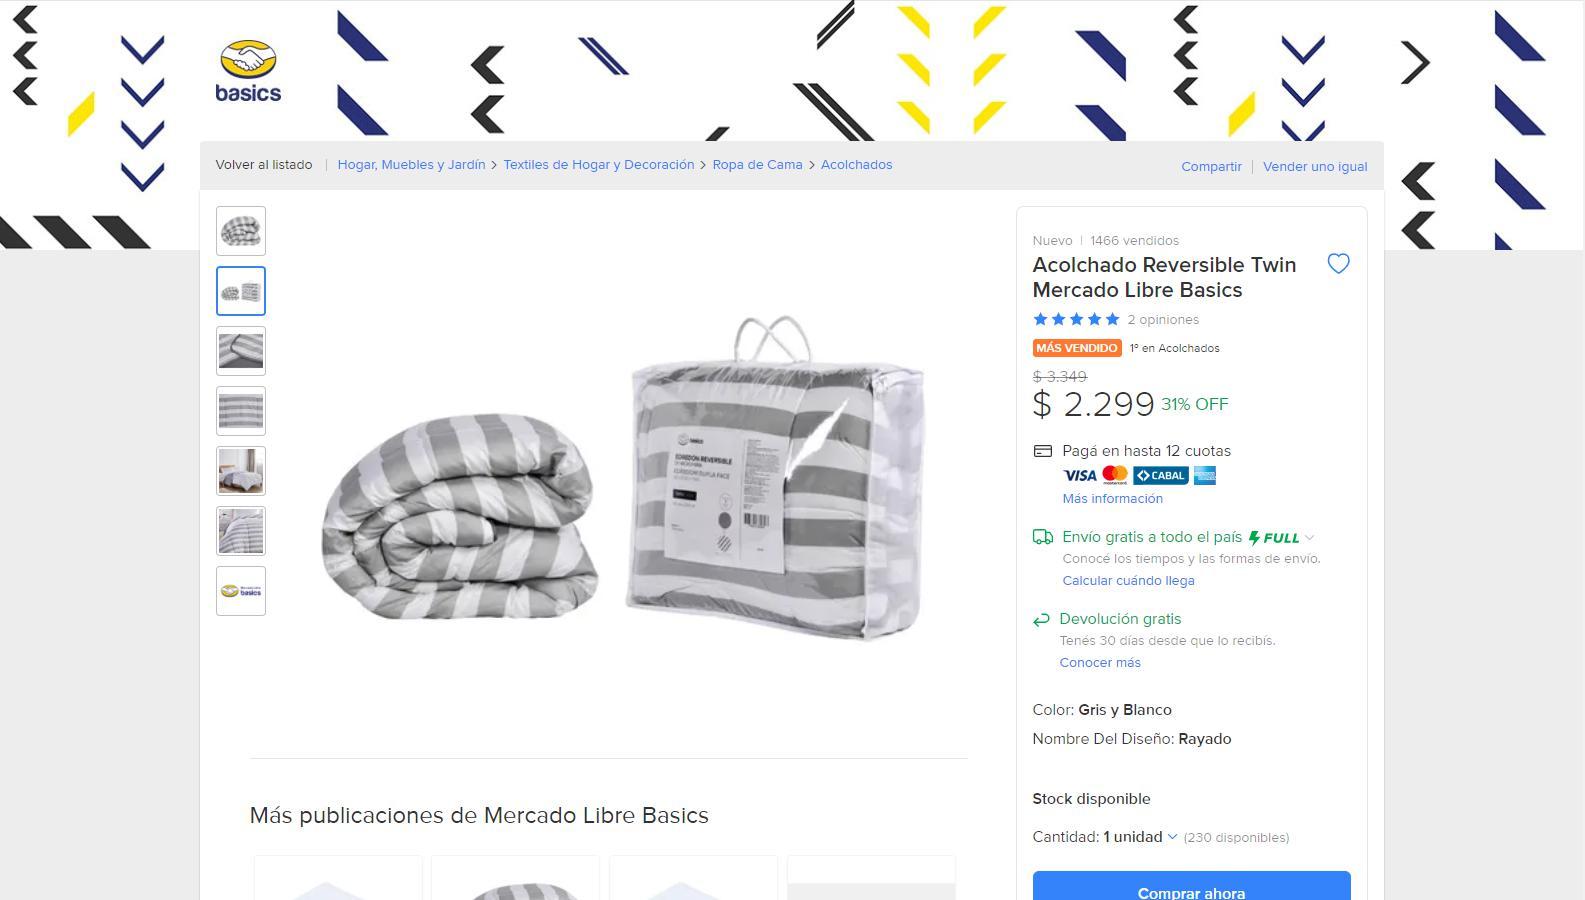 Marca propia. El unicornio vende blanquería con su etiqueta Mercado Libre Basics